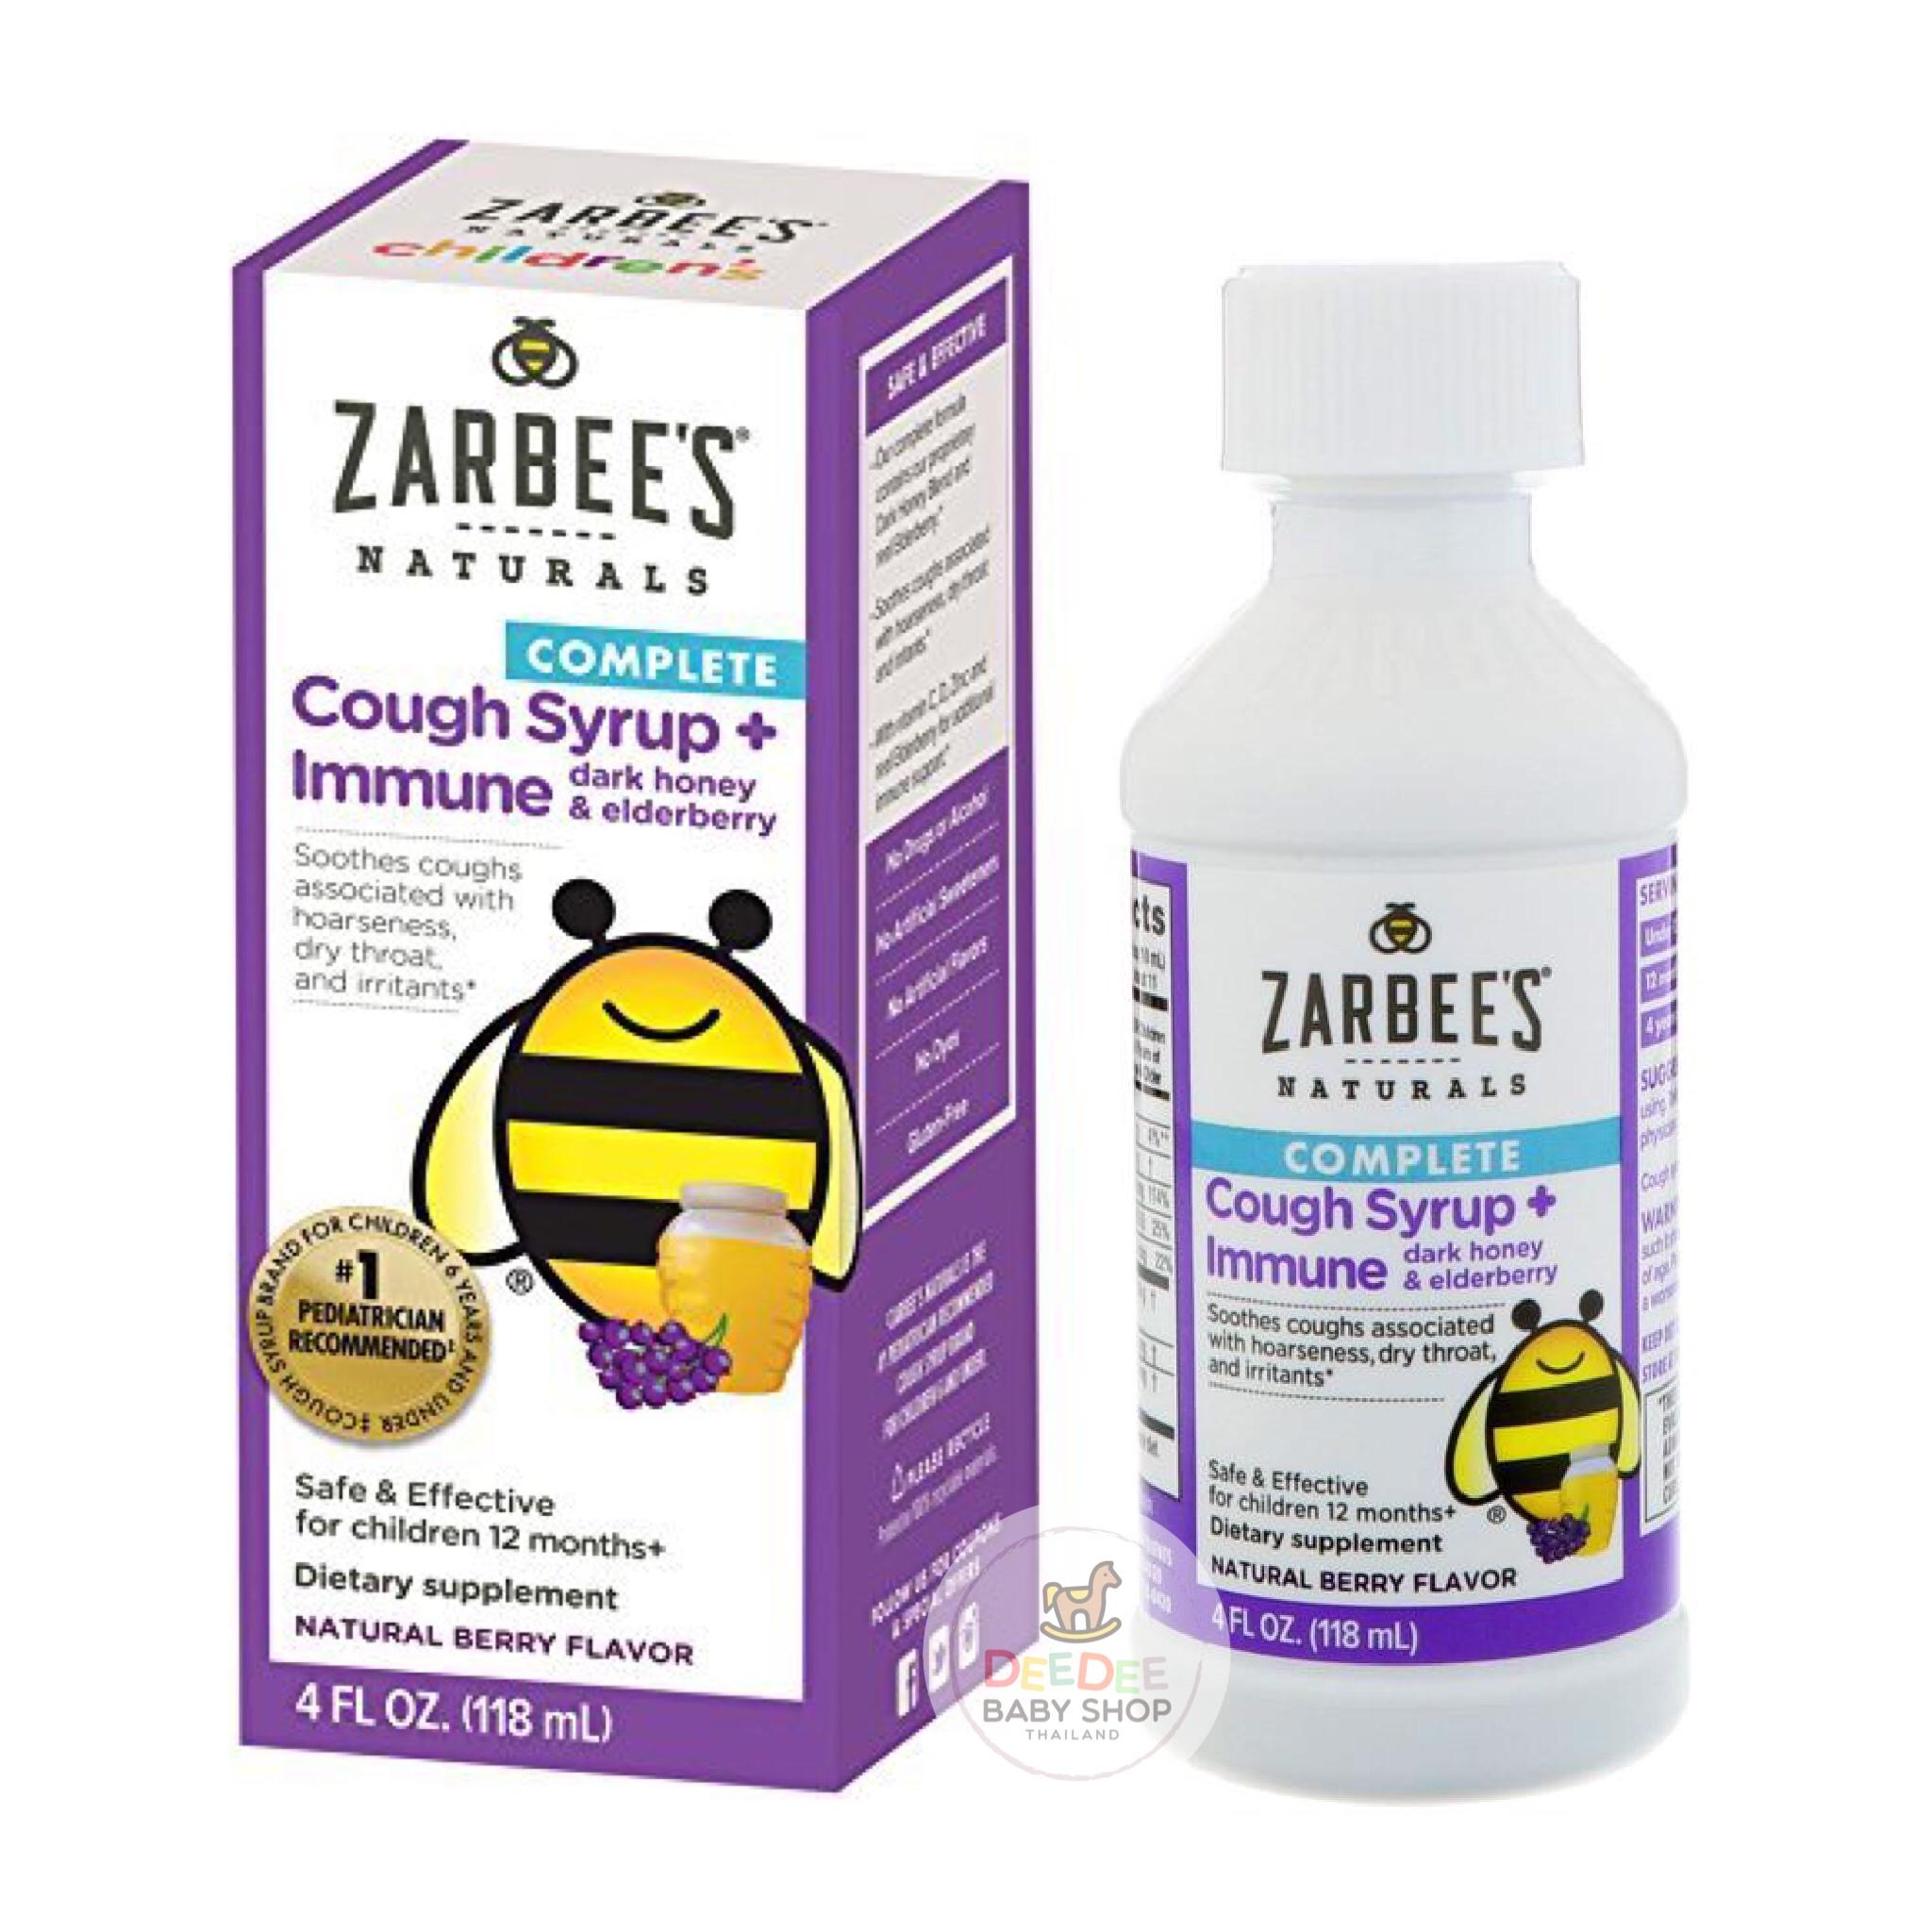 วิตามินเสริมภูมิคุ้มกันและบรรเทาอาการไอสำหรับเด็ก Zarbee's Naturals Children's COMPLETE Cough Syrup + Immune